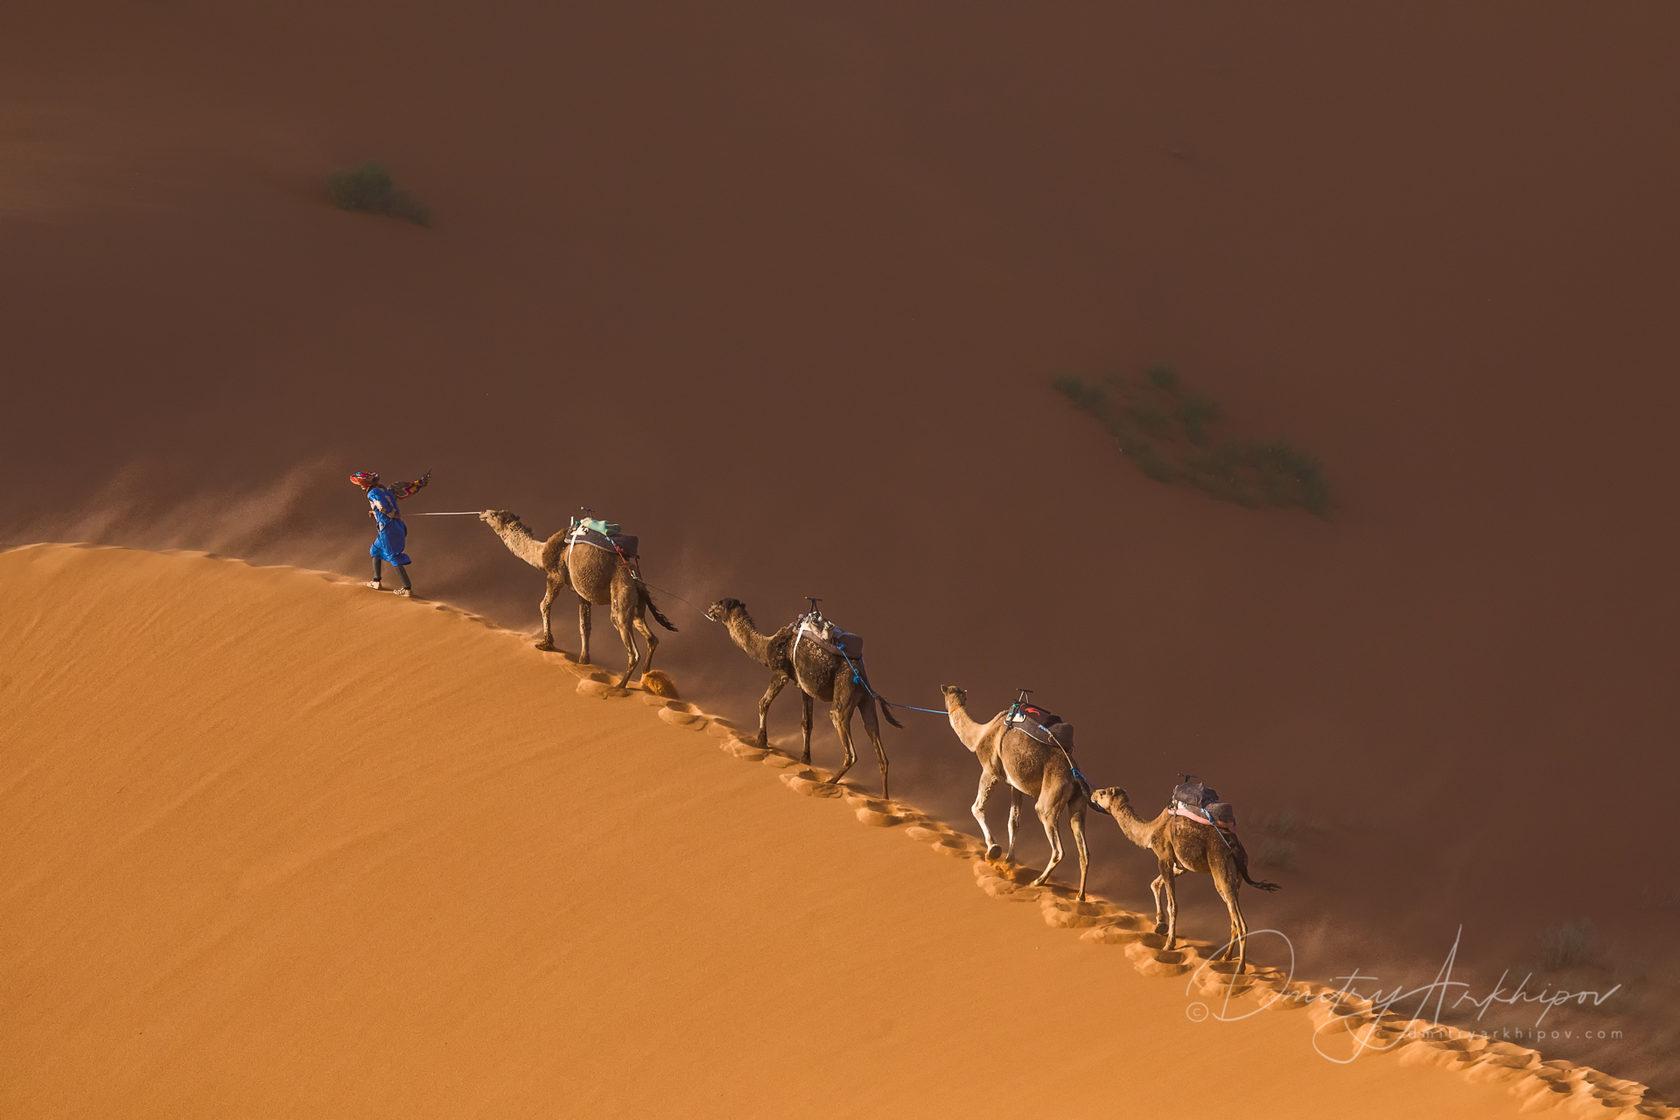 Caravam in the Sahara